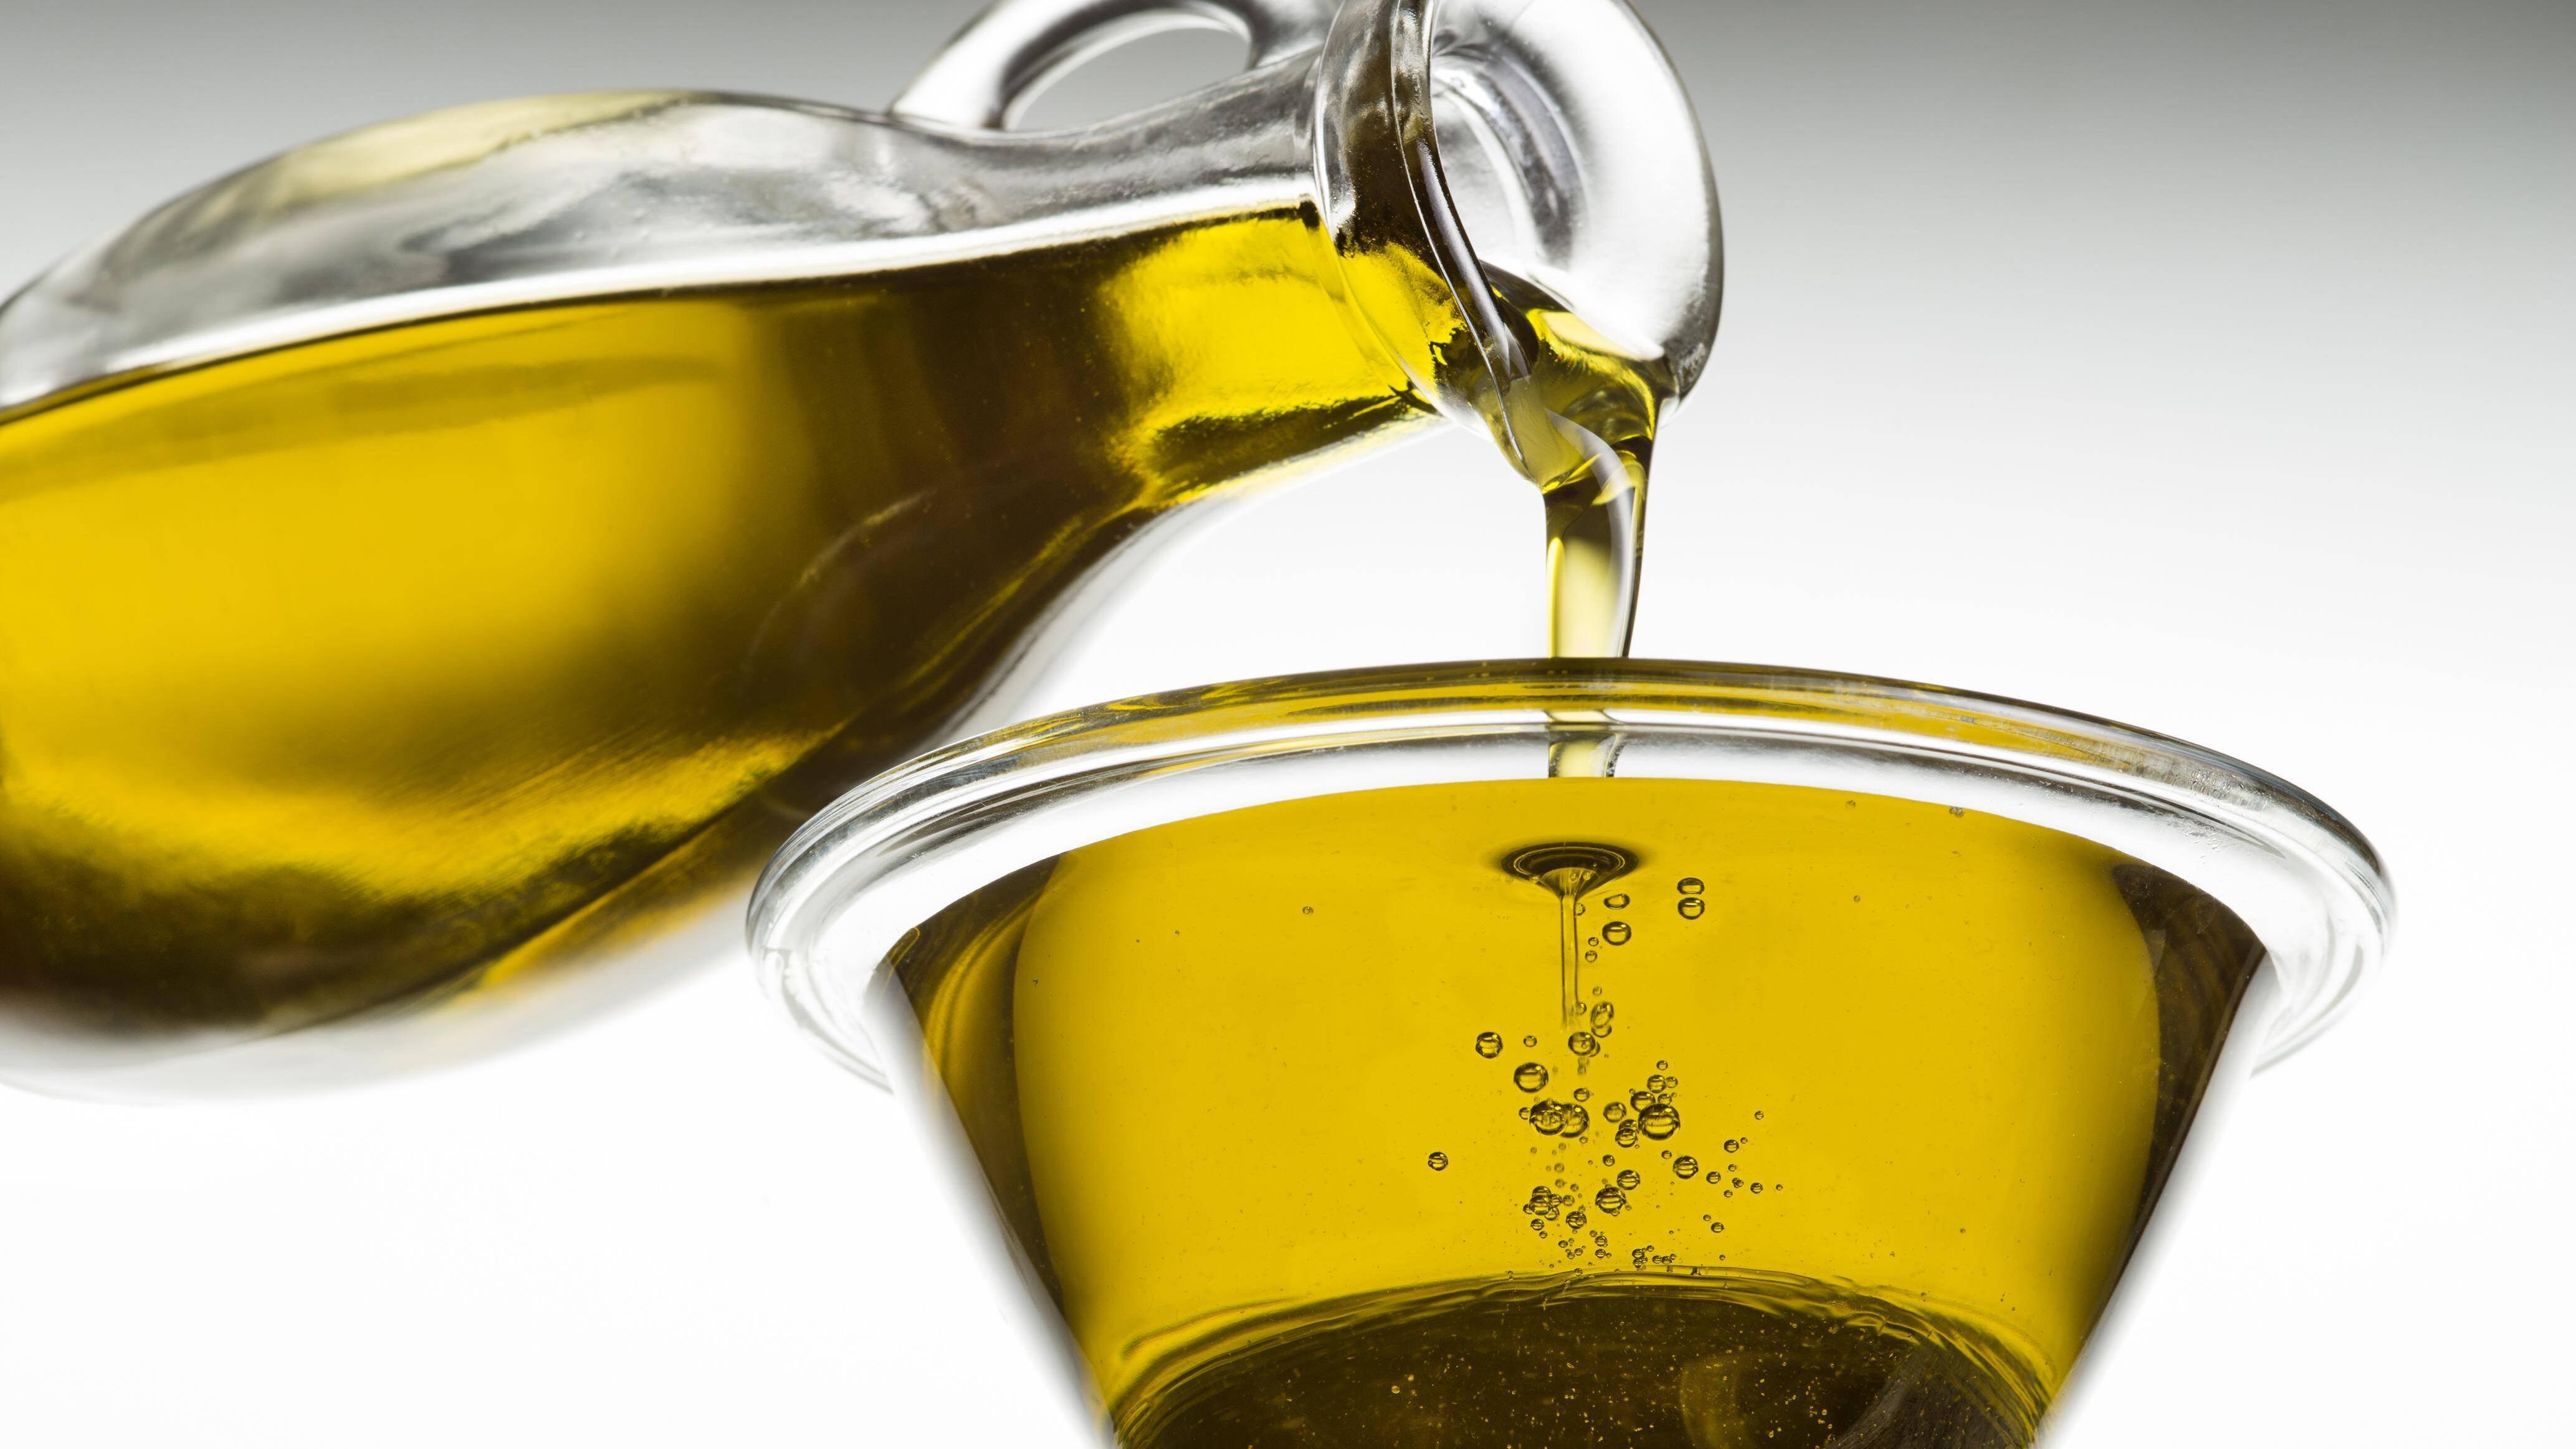 Distelöl: So gesund ist das Speiseöl